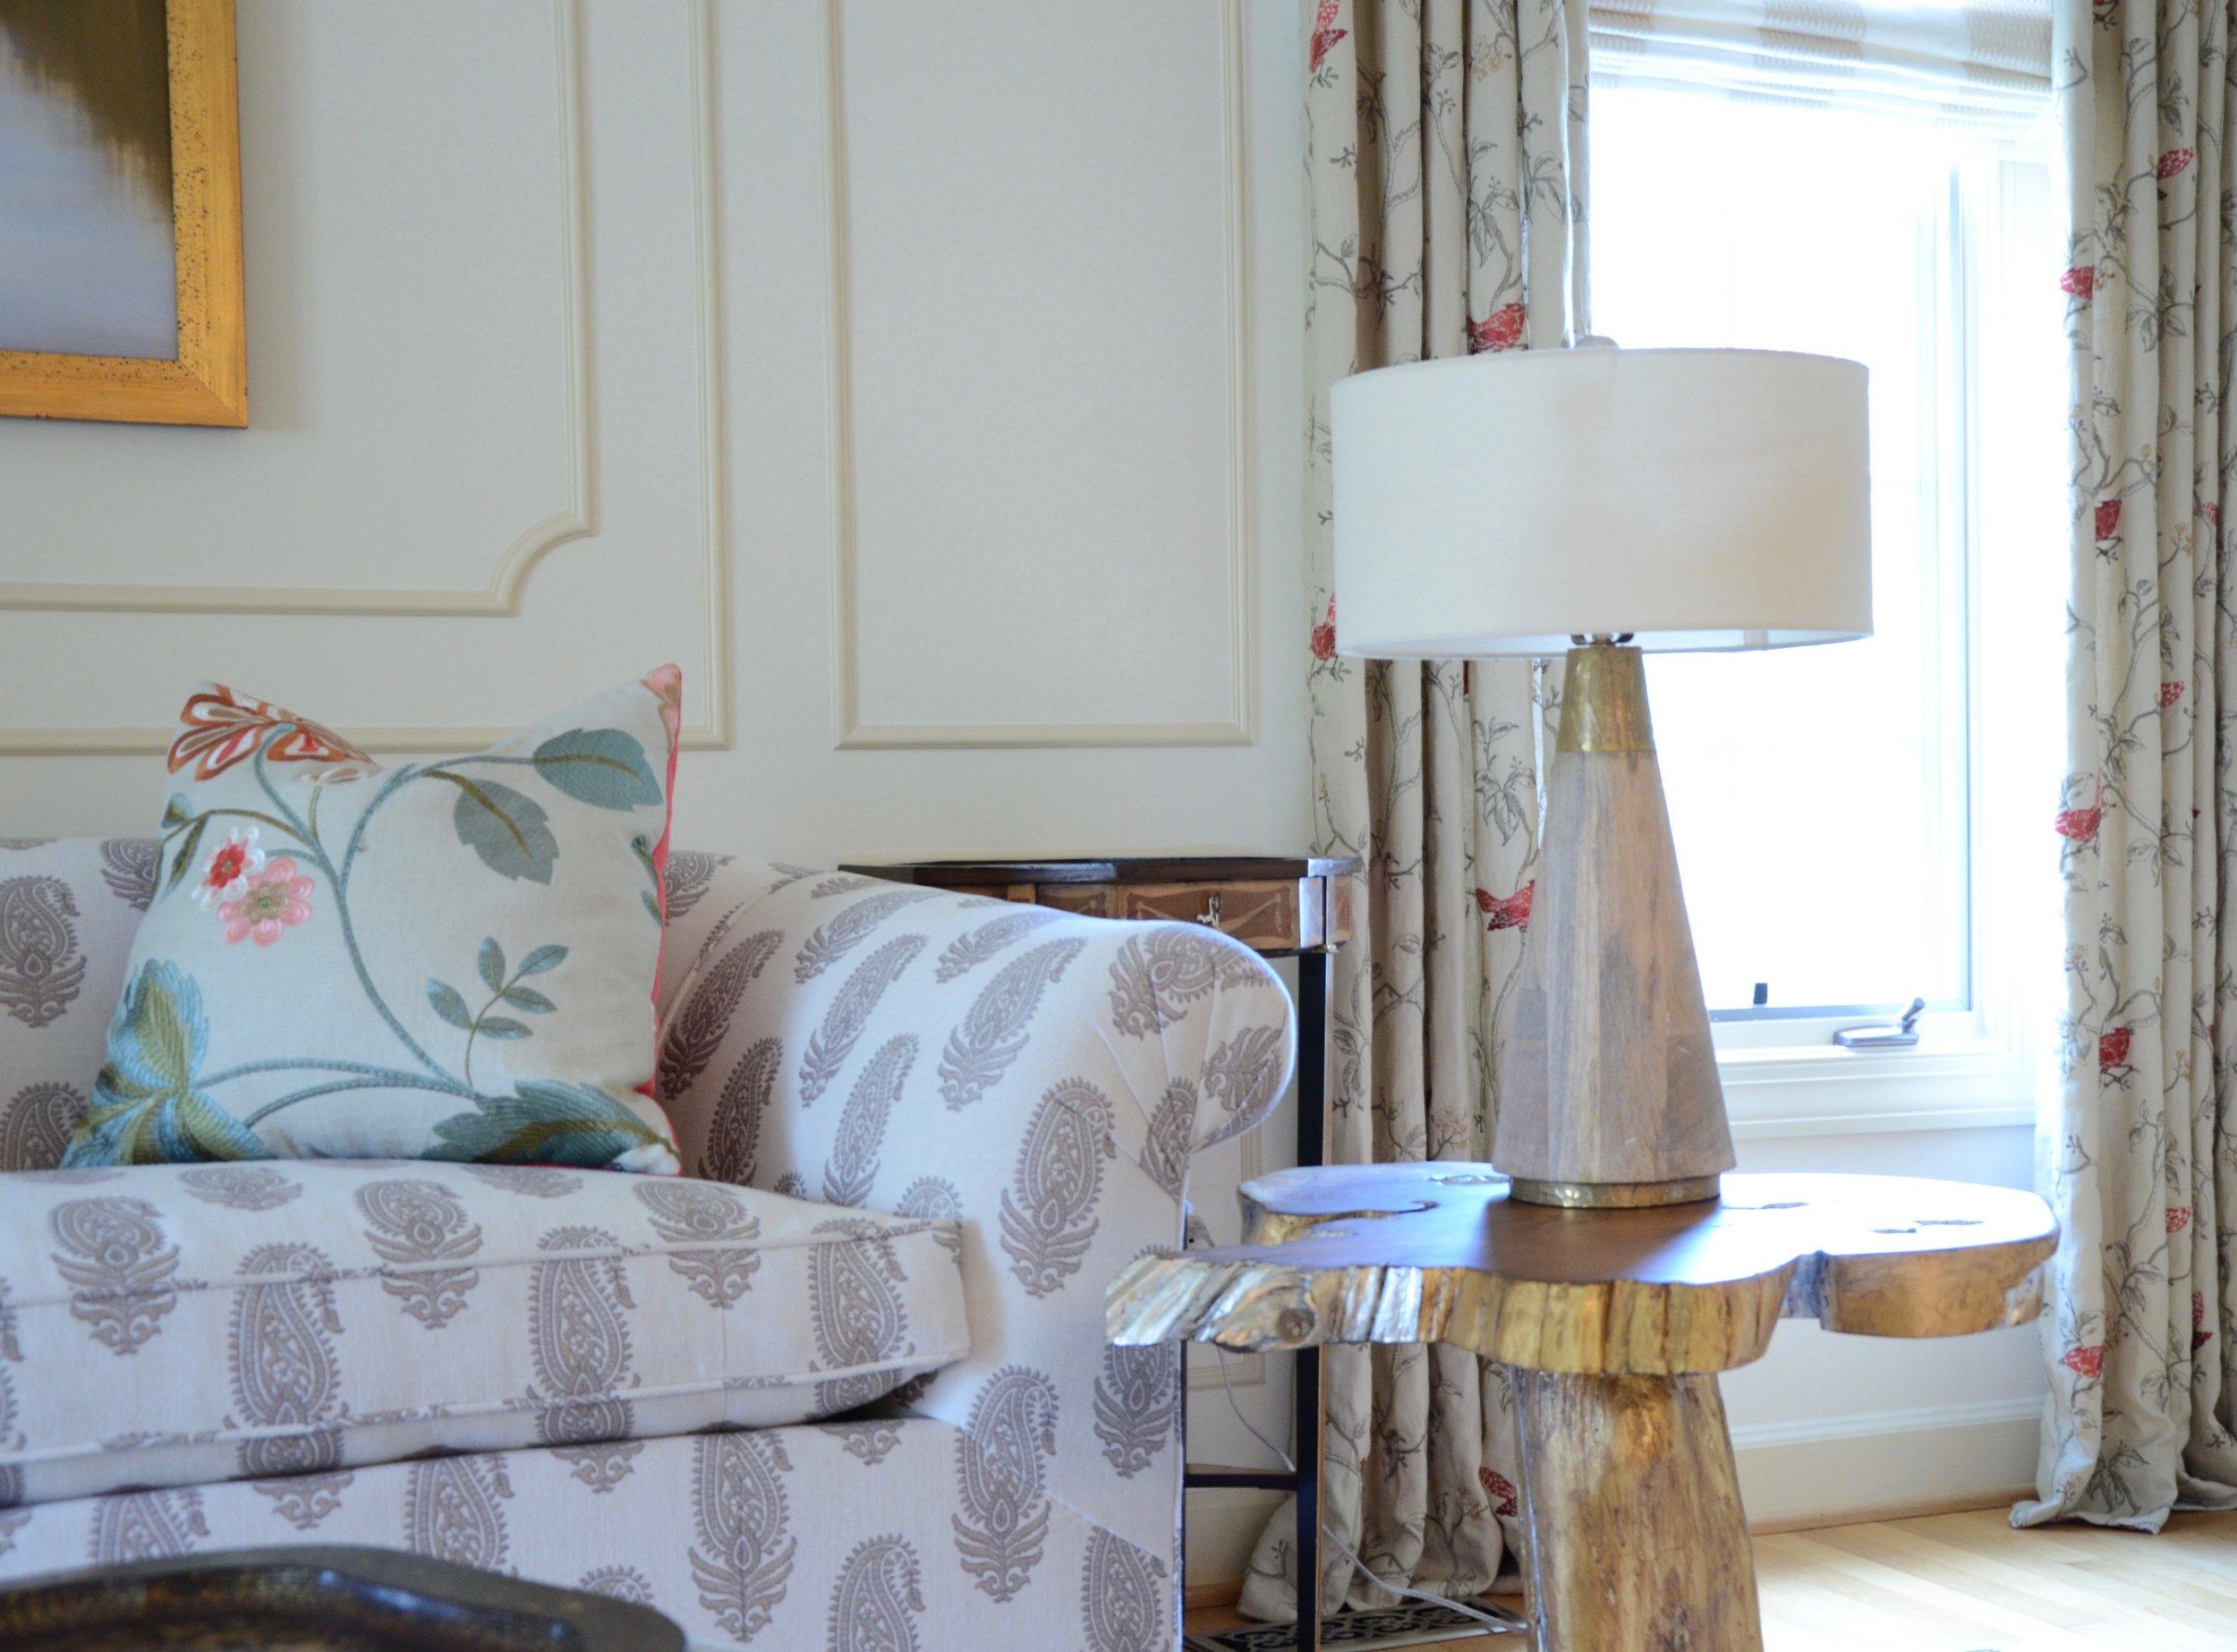 Living Room Designed by Valerianne